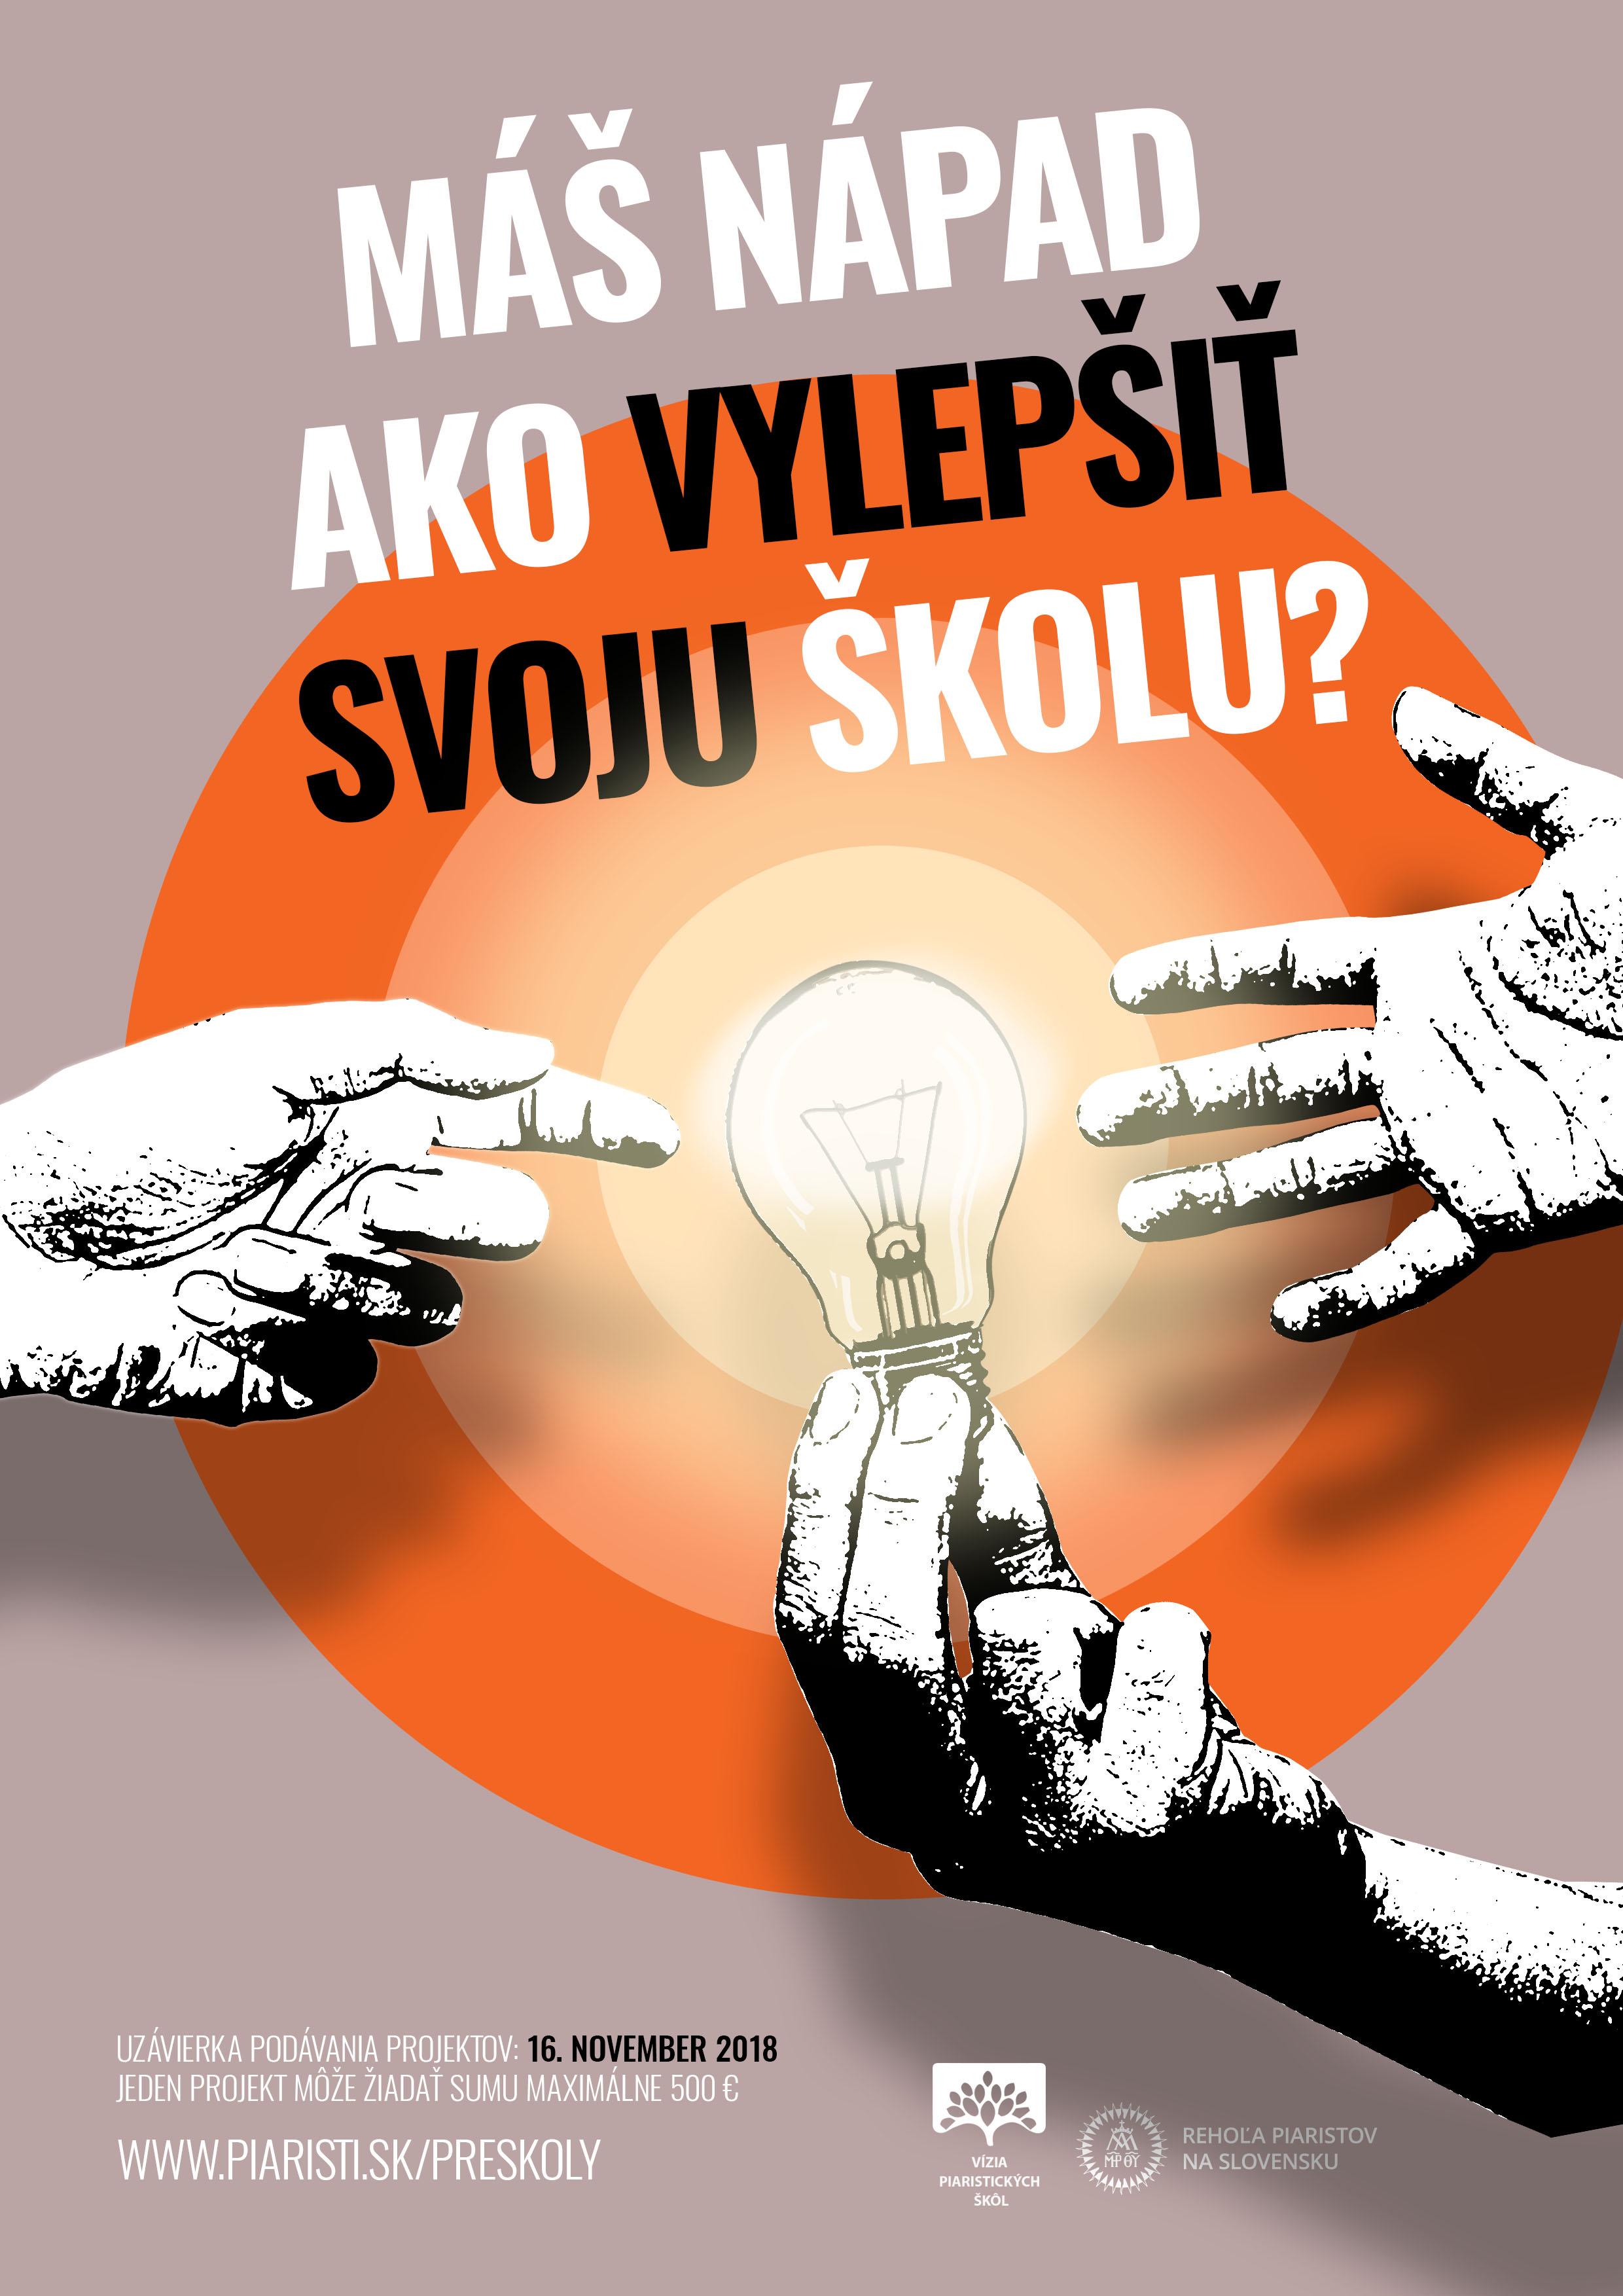 Pre školy - Rehoľa piaristov na Slovensku 7e4b689aa54